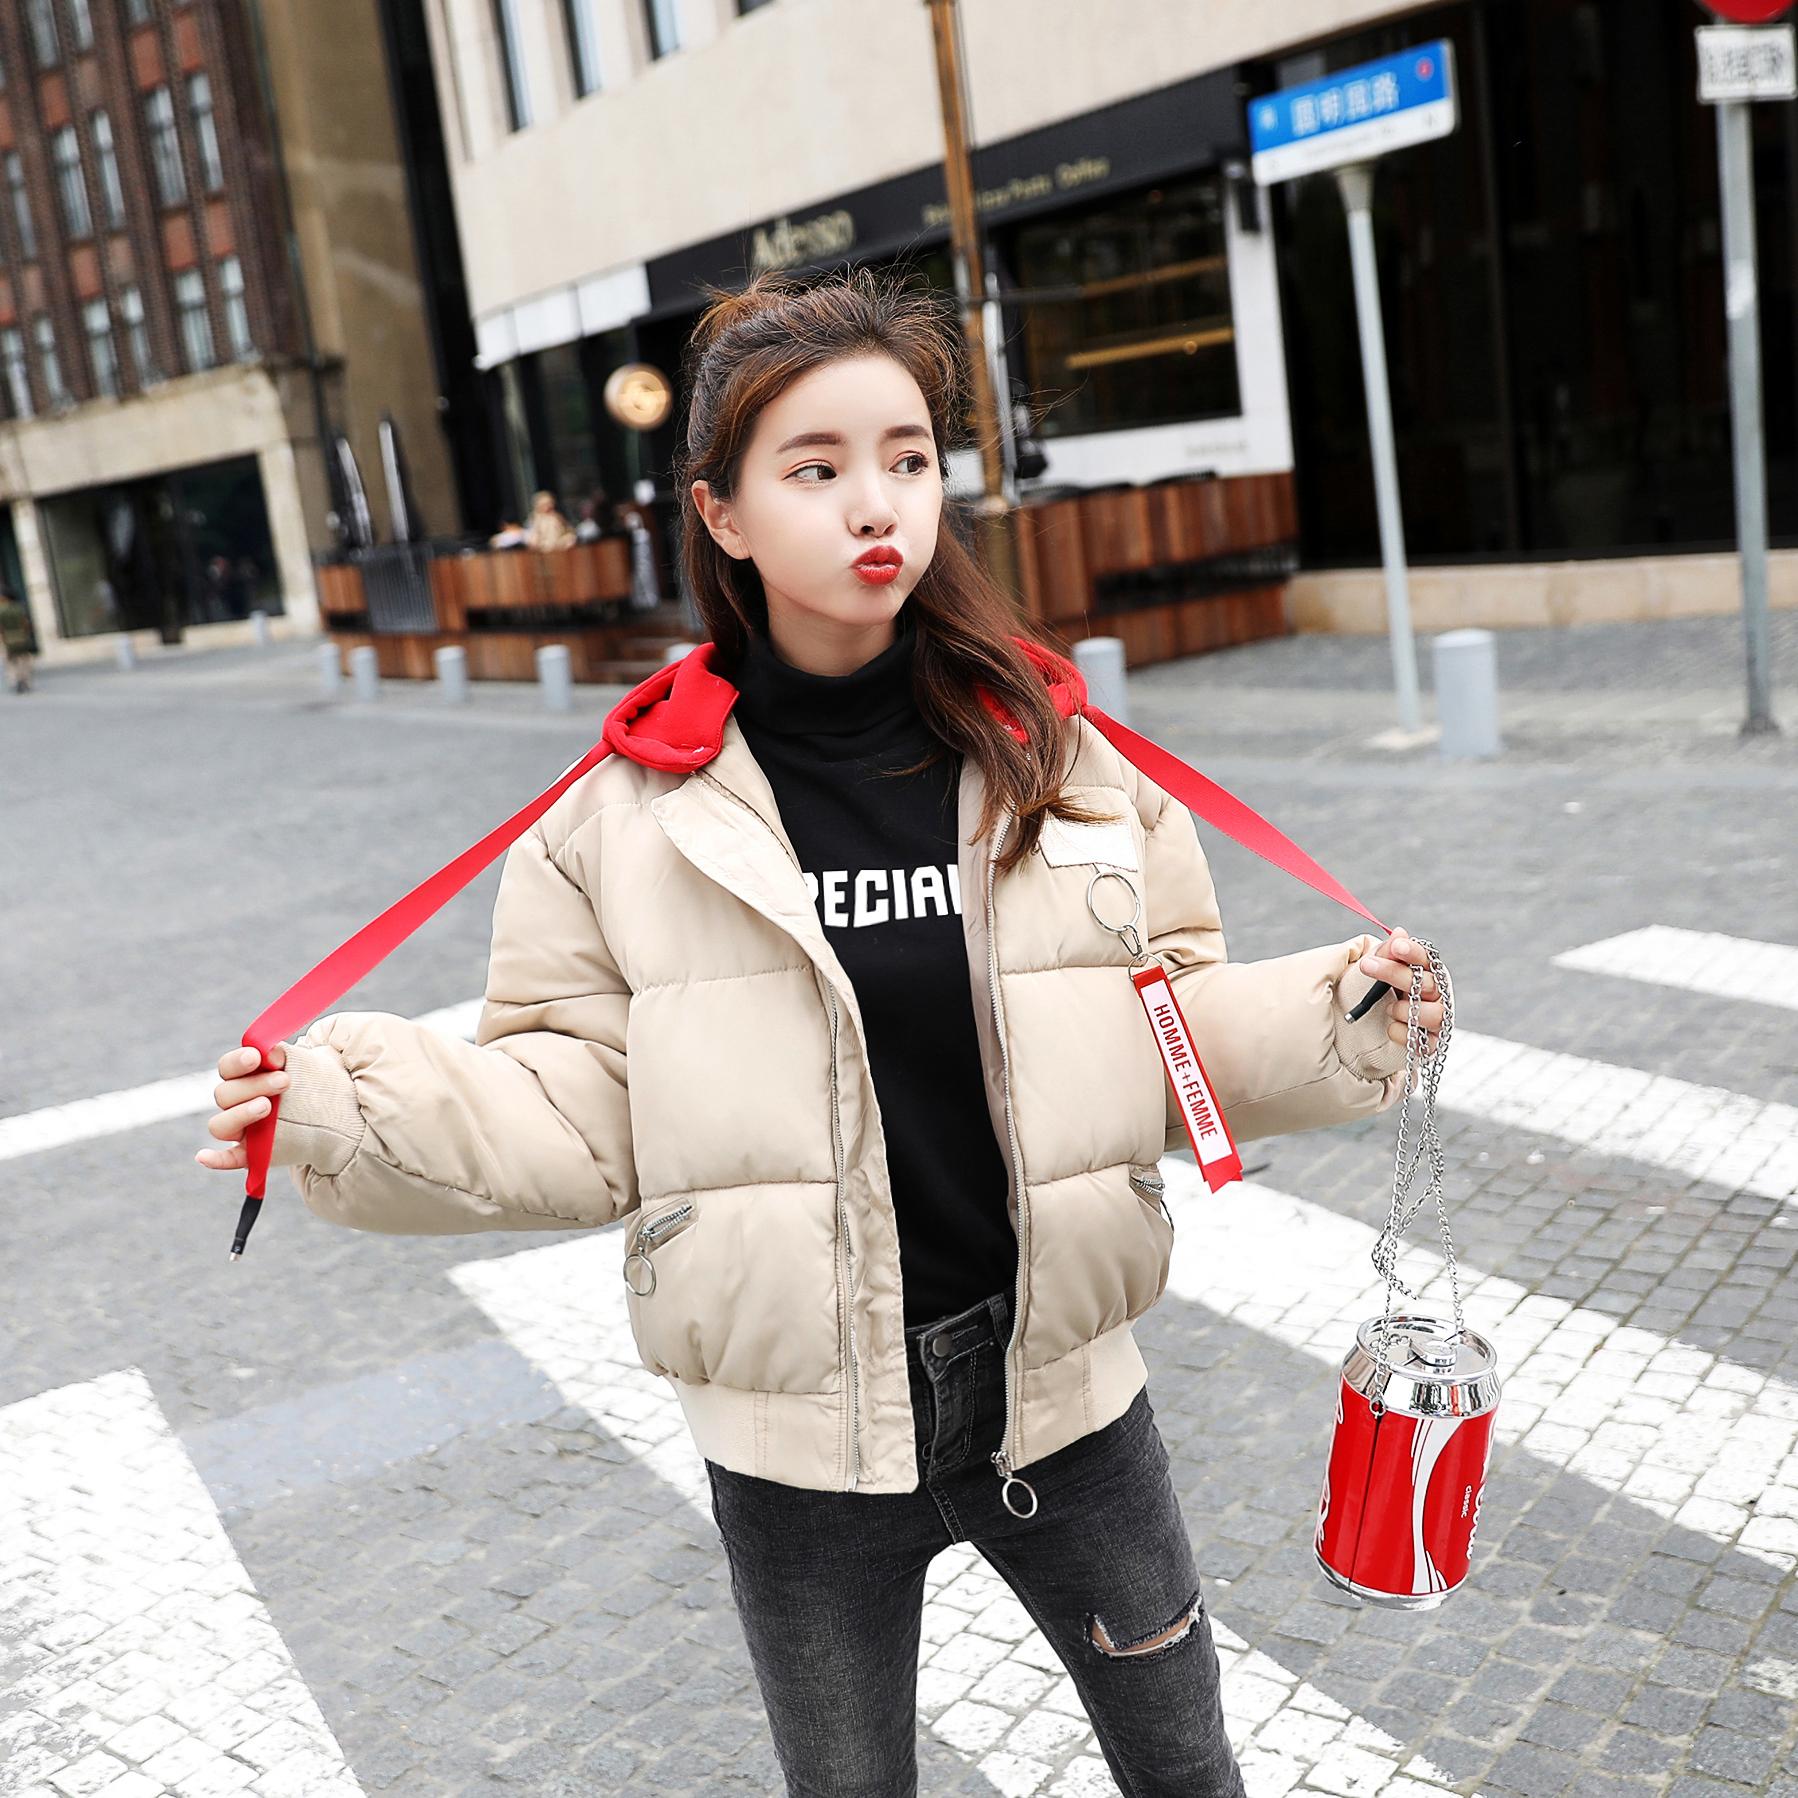 Bông chăn nữ 2018 bánh mì mới phục vụ sinh viên Hàn Quốc phiên bản của bông đoạn ngắn dày lỏng chống mùa xuống bông áo